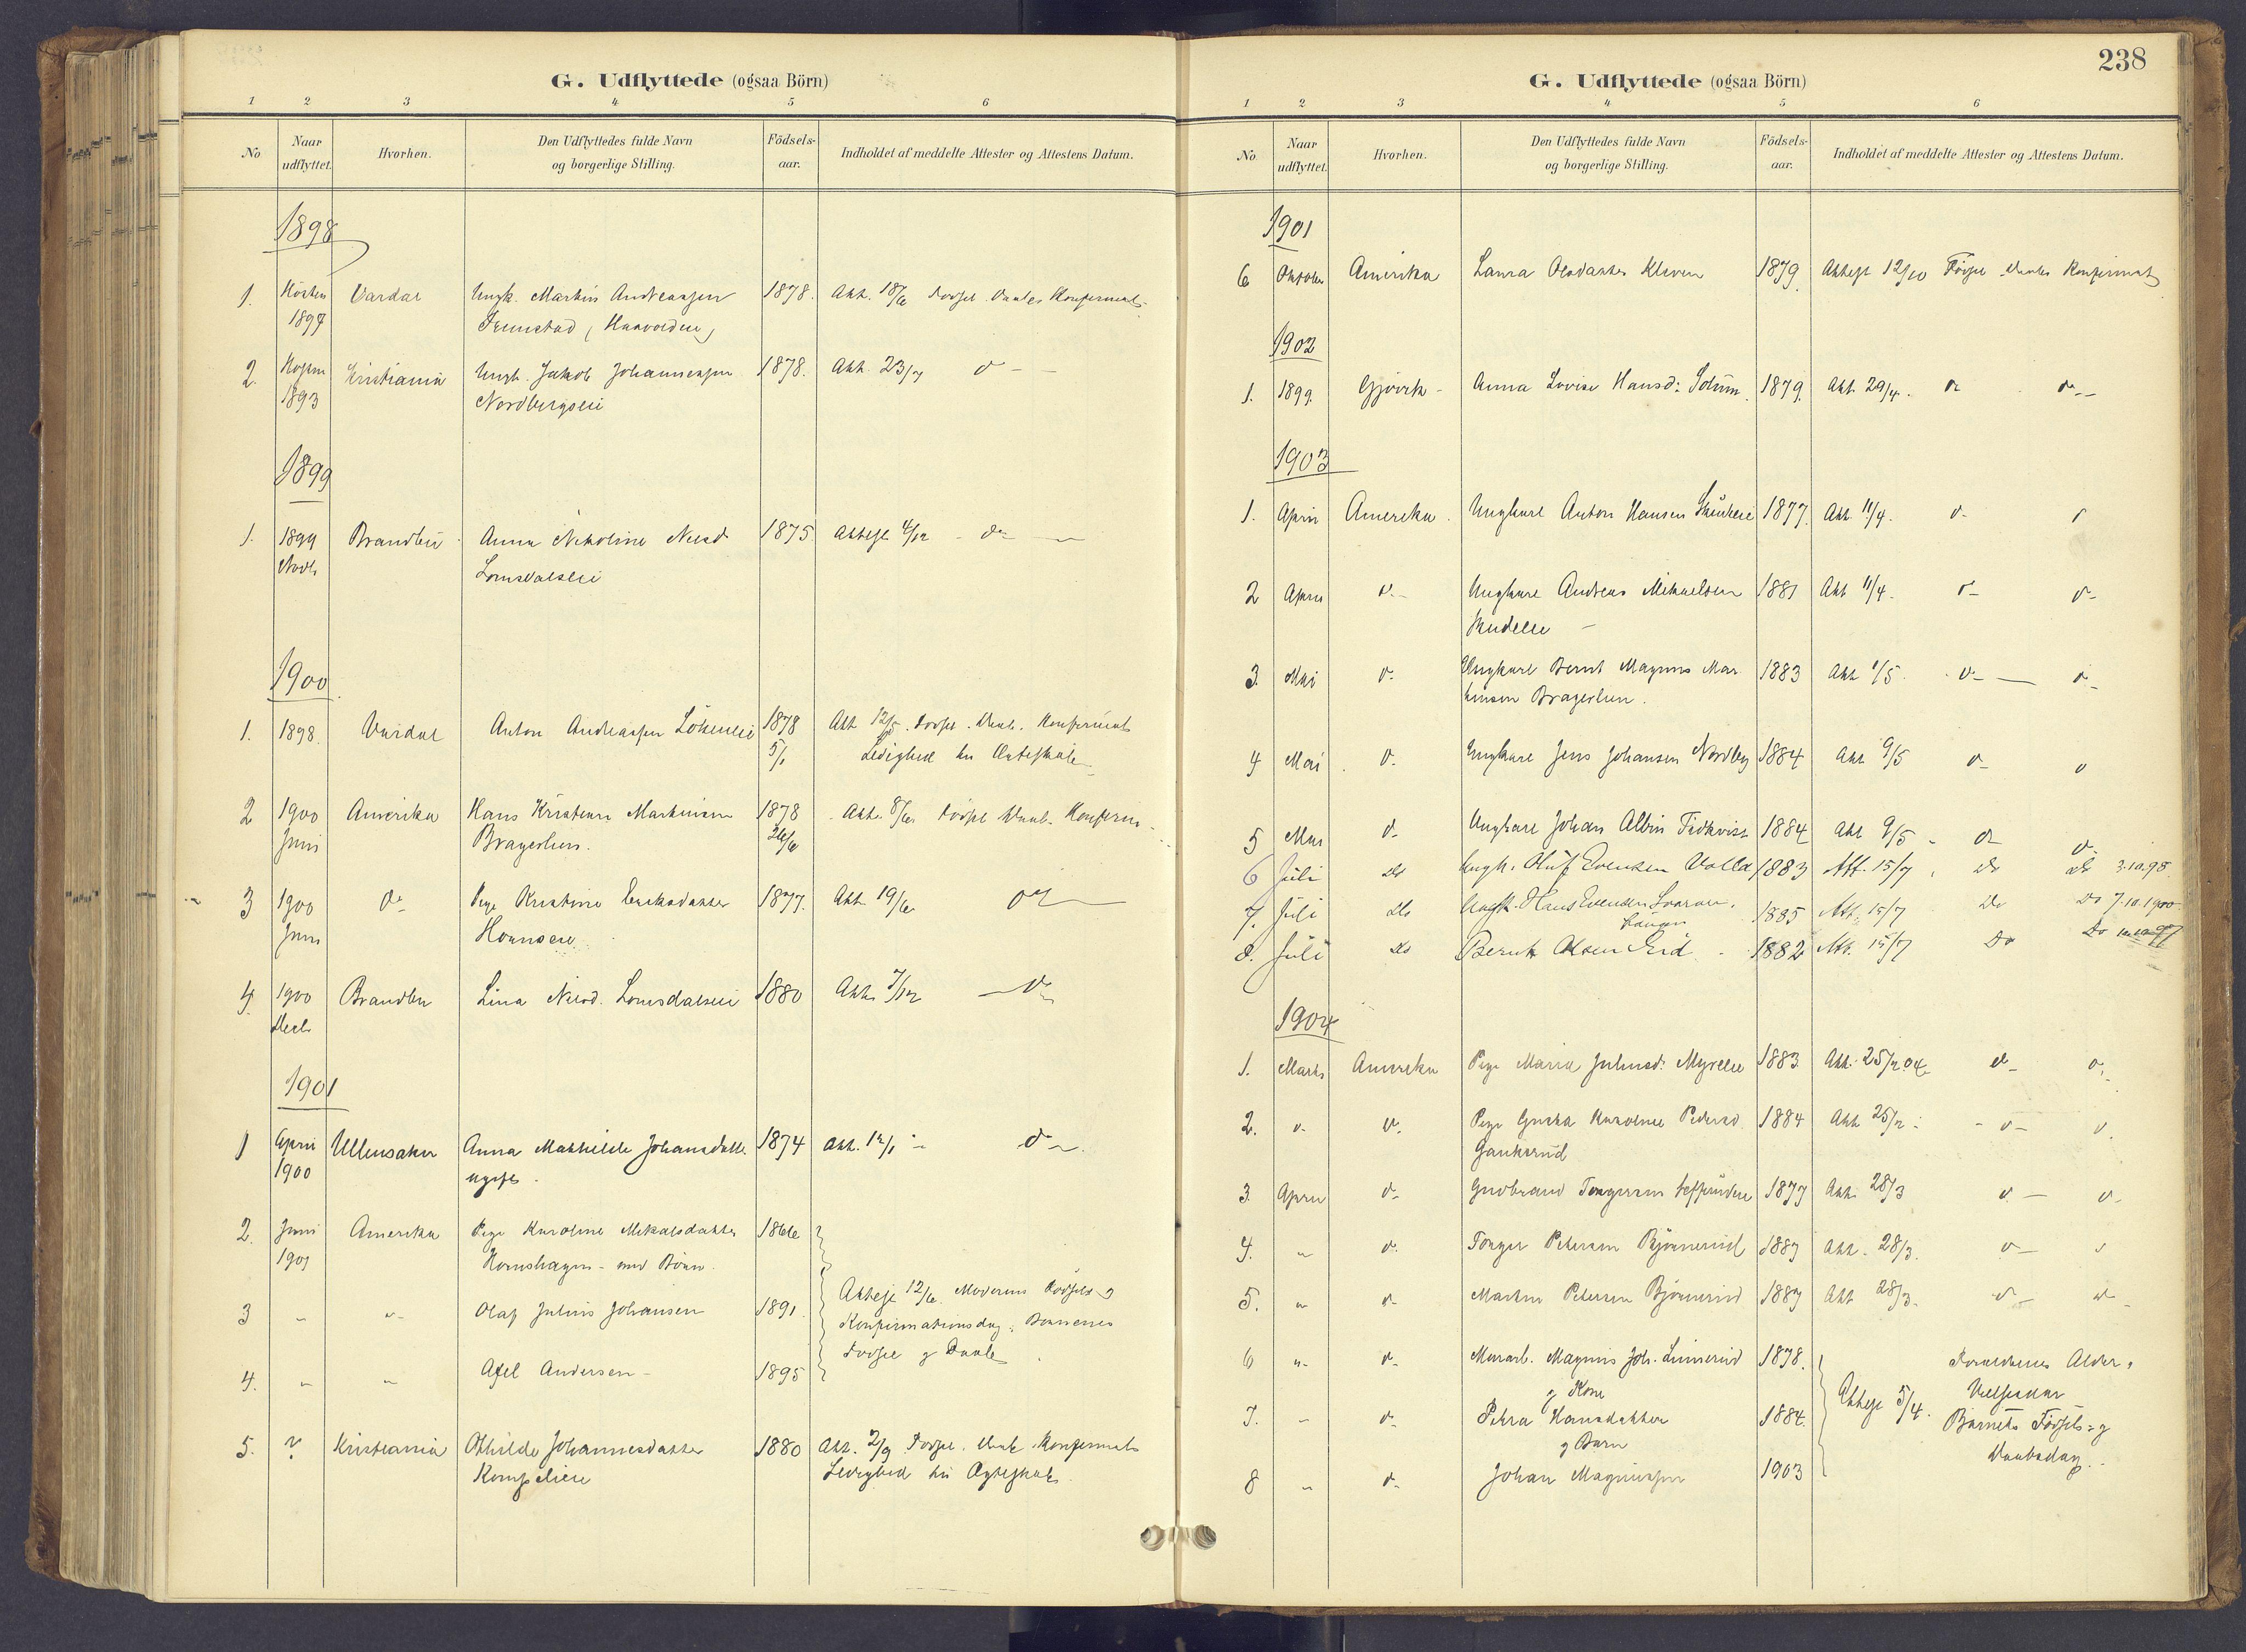 SAH, Søndre Land prestekontor, K/L0006: Ministerialbok nr. 6, 1895-1904, s. 238